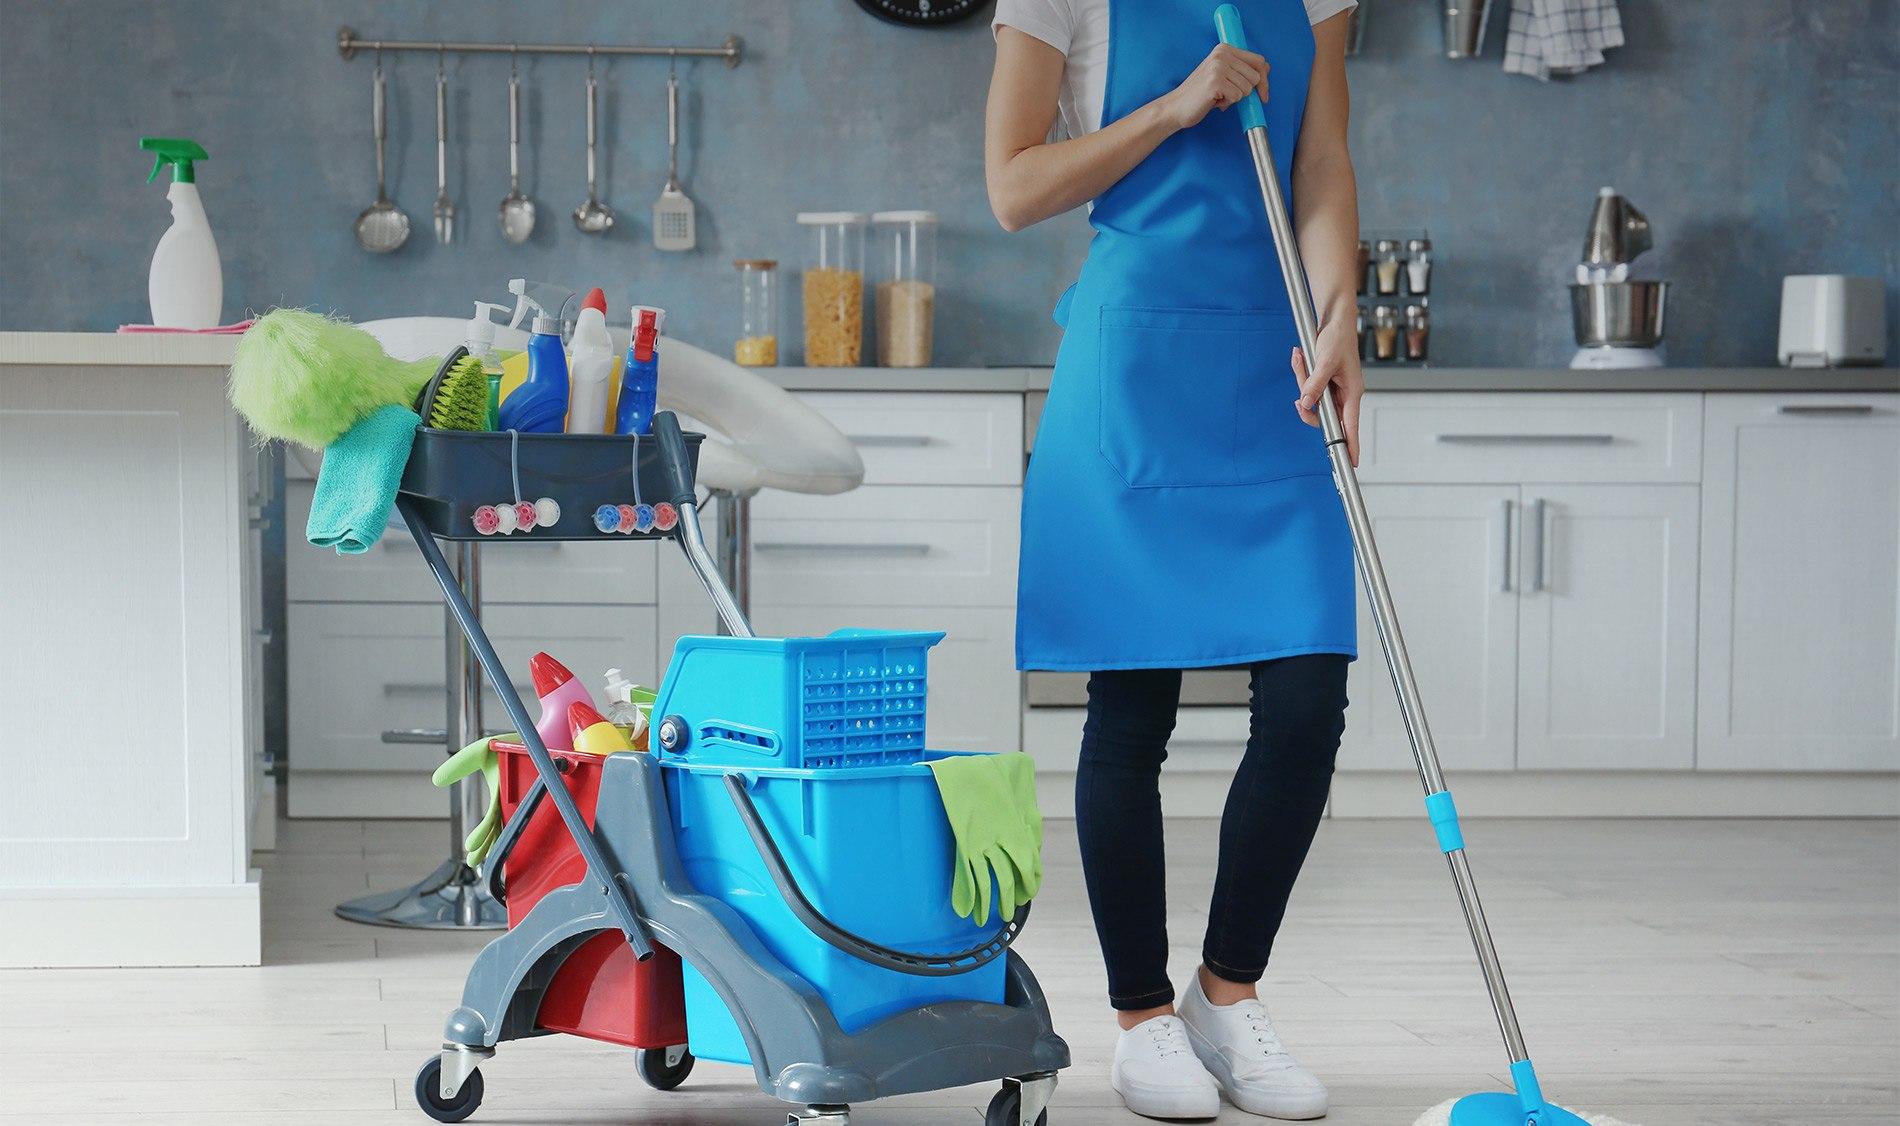 Femme de Ménage Strasbourg à découvrir chez Oh Top!